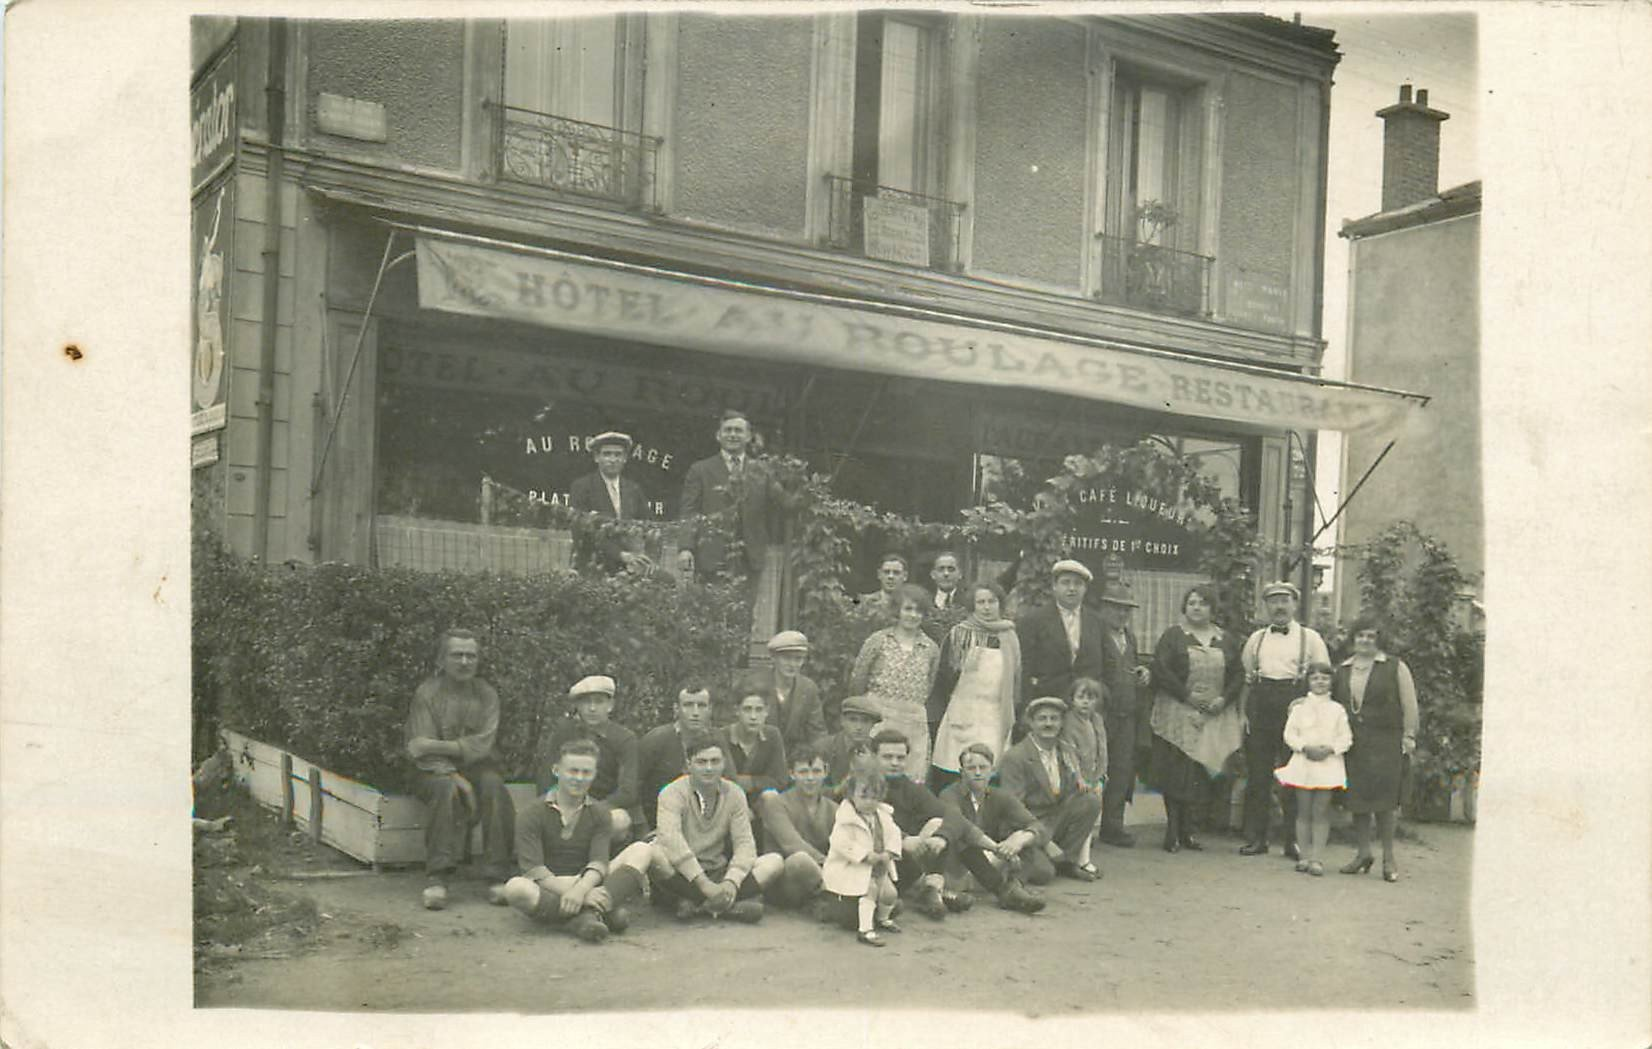 93 BONDY. Hôtel Au Roulage Café Restaurant Mm Routier 106 Avenue Galliéni. Photo carte postale ancienne